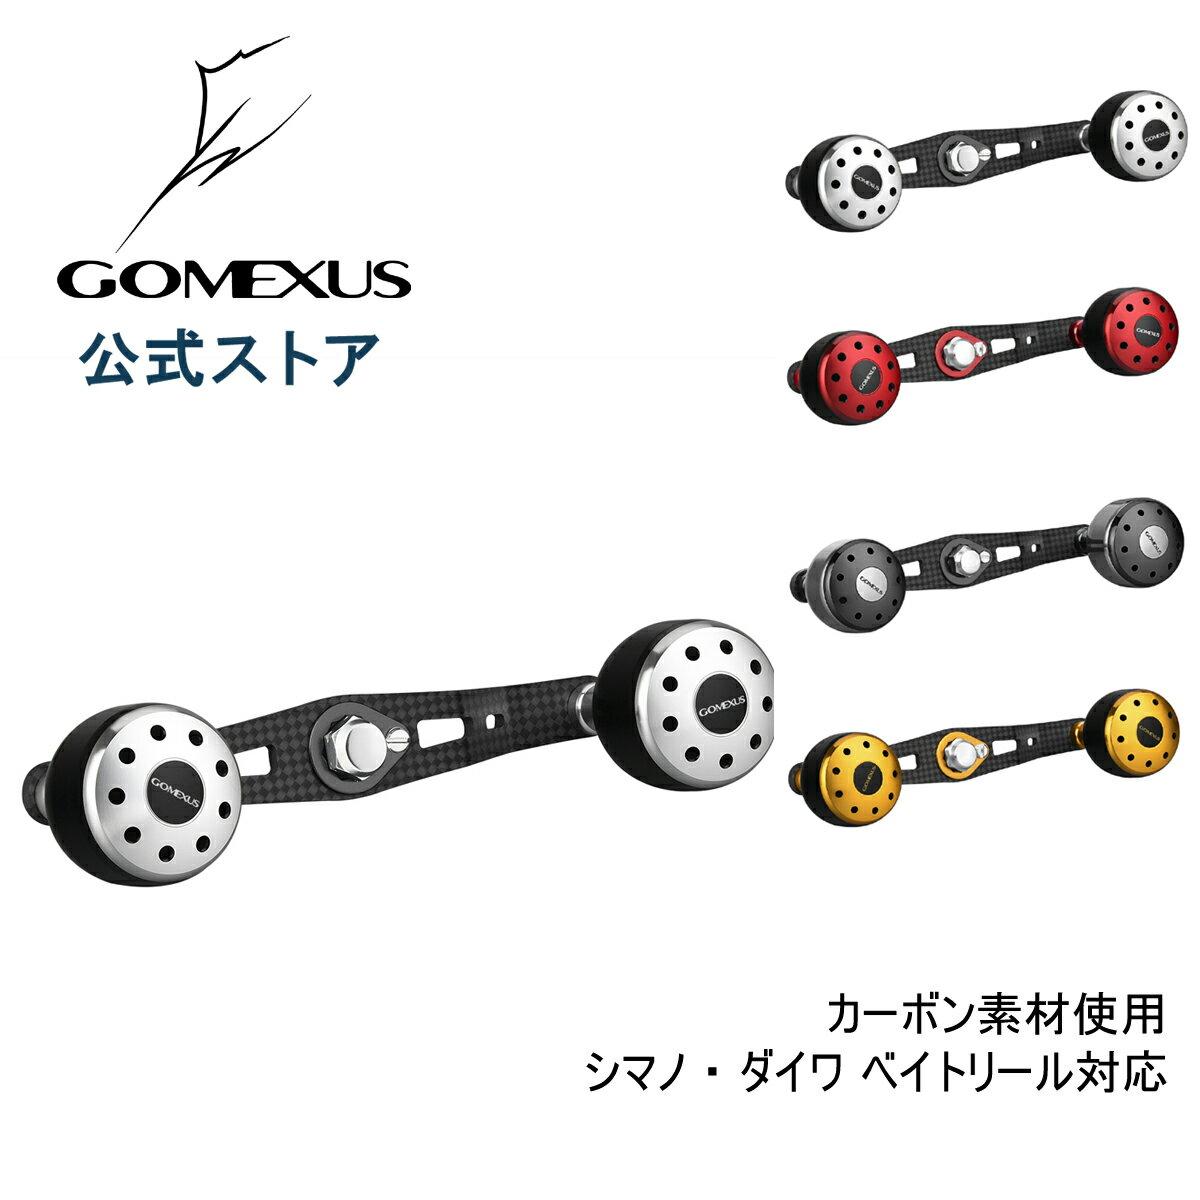 フィッシング, リールパーツ  74mm Shimano 17 XT 16 BFS DC 85mm Daiwa Abu Garcia ICV 105mm Gomexus